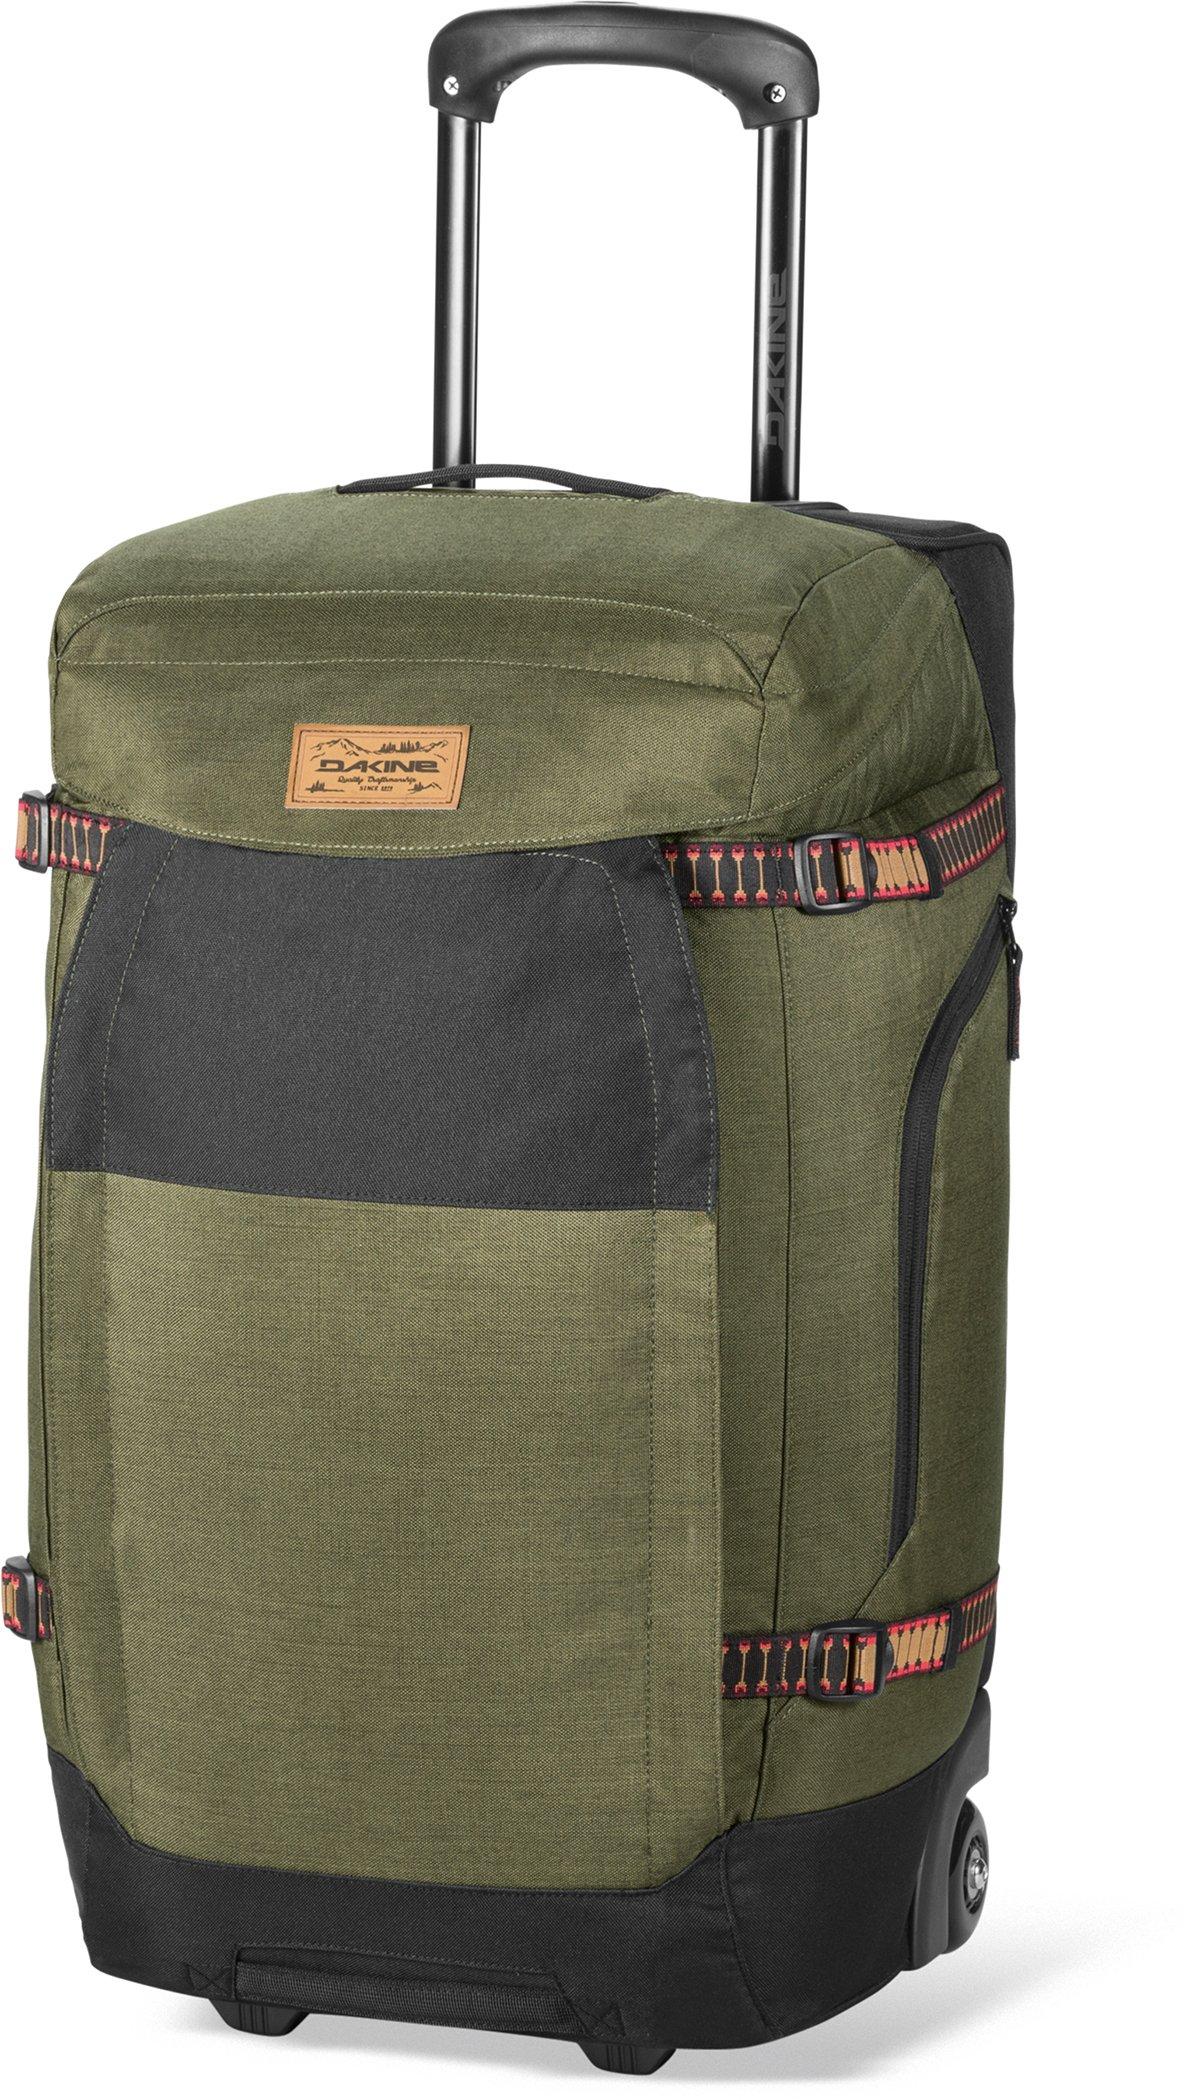 Dakine Sherpa Roller Duffel Bag, One Size/60 L, Fern